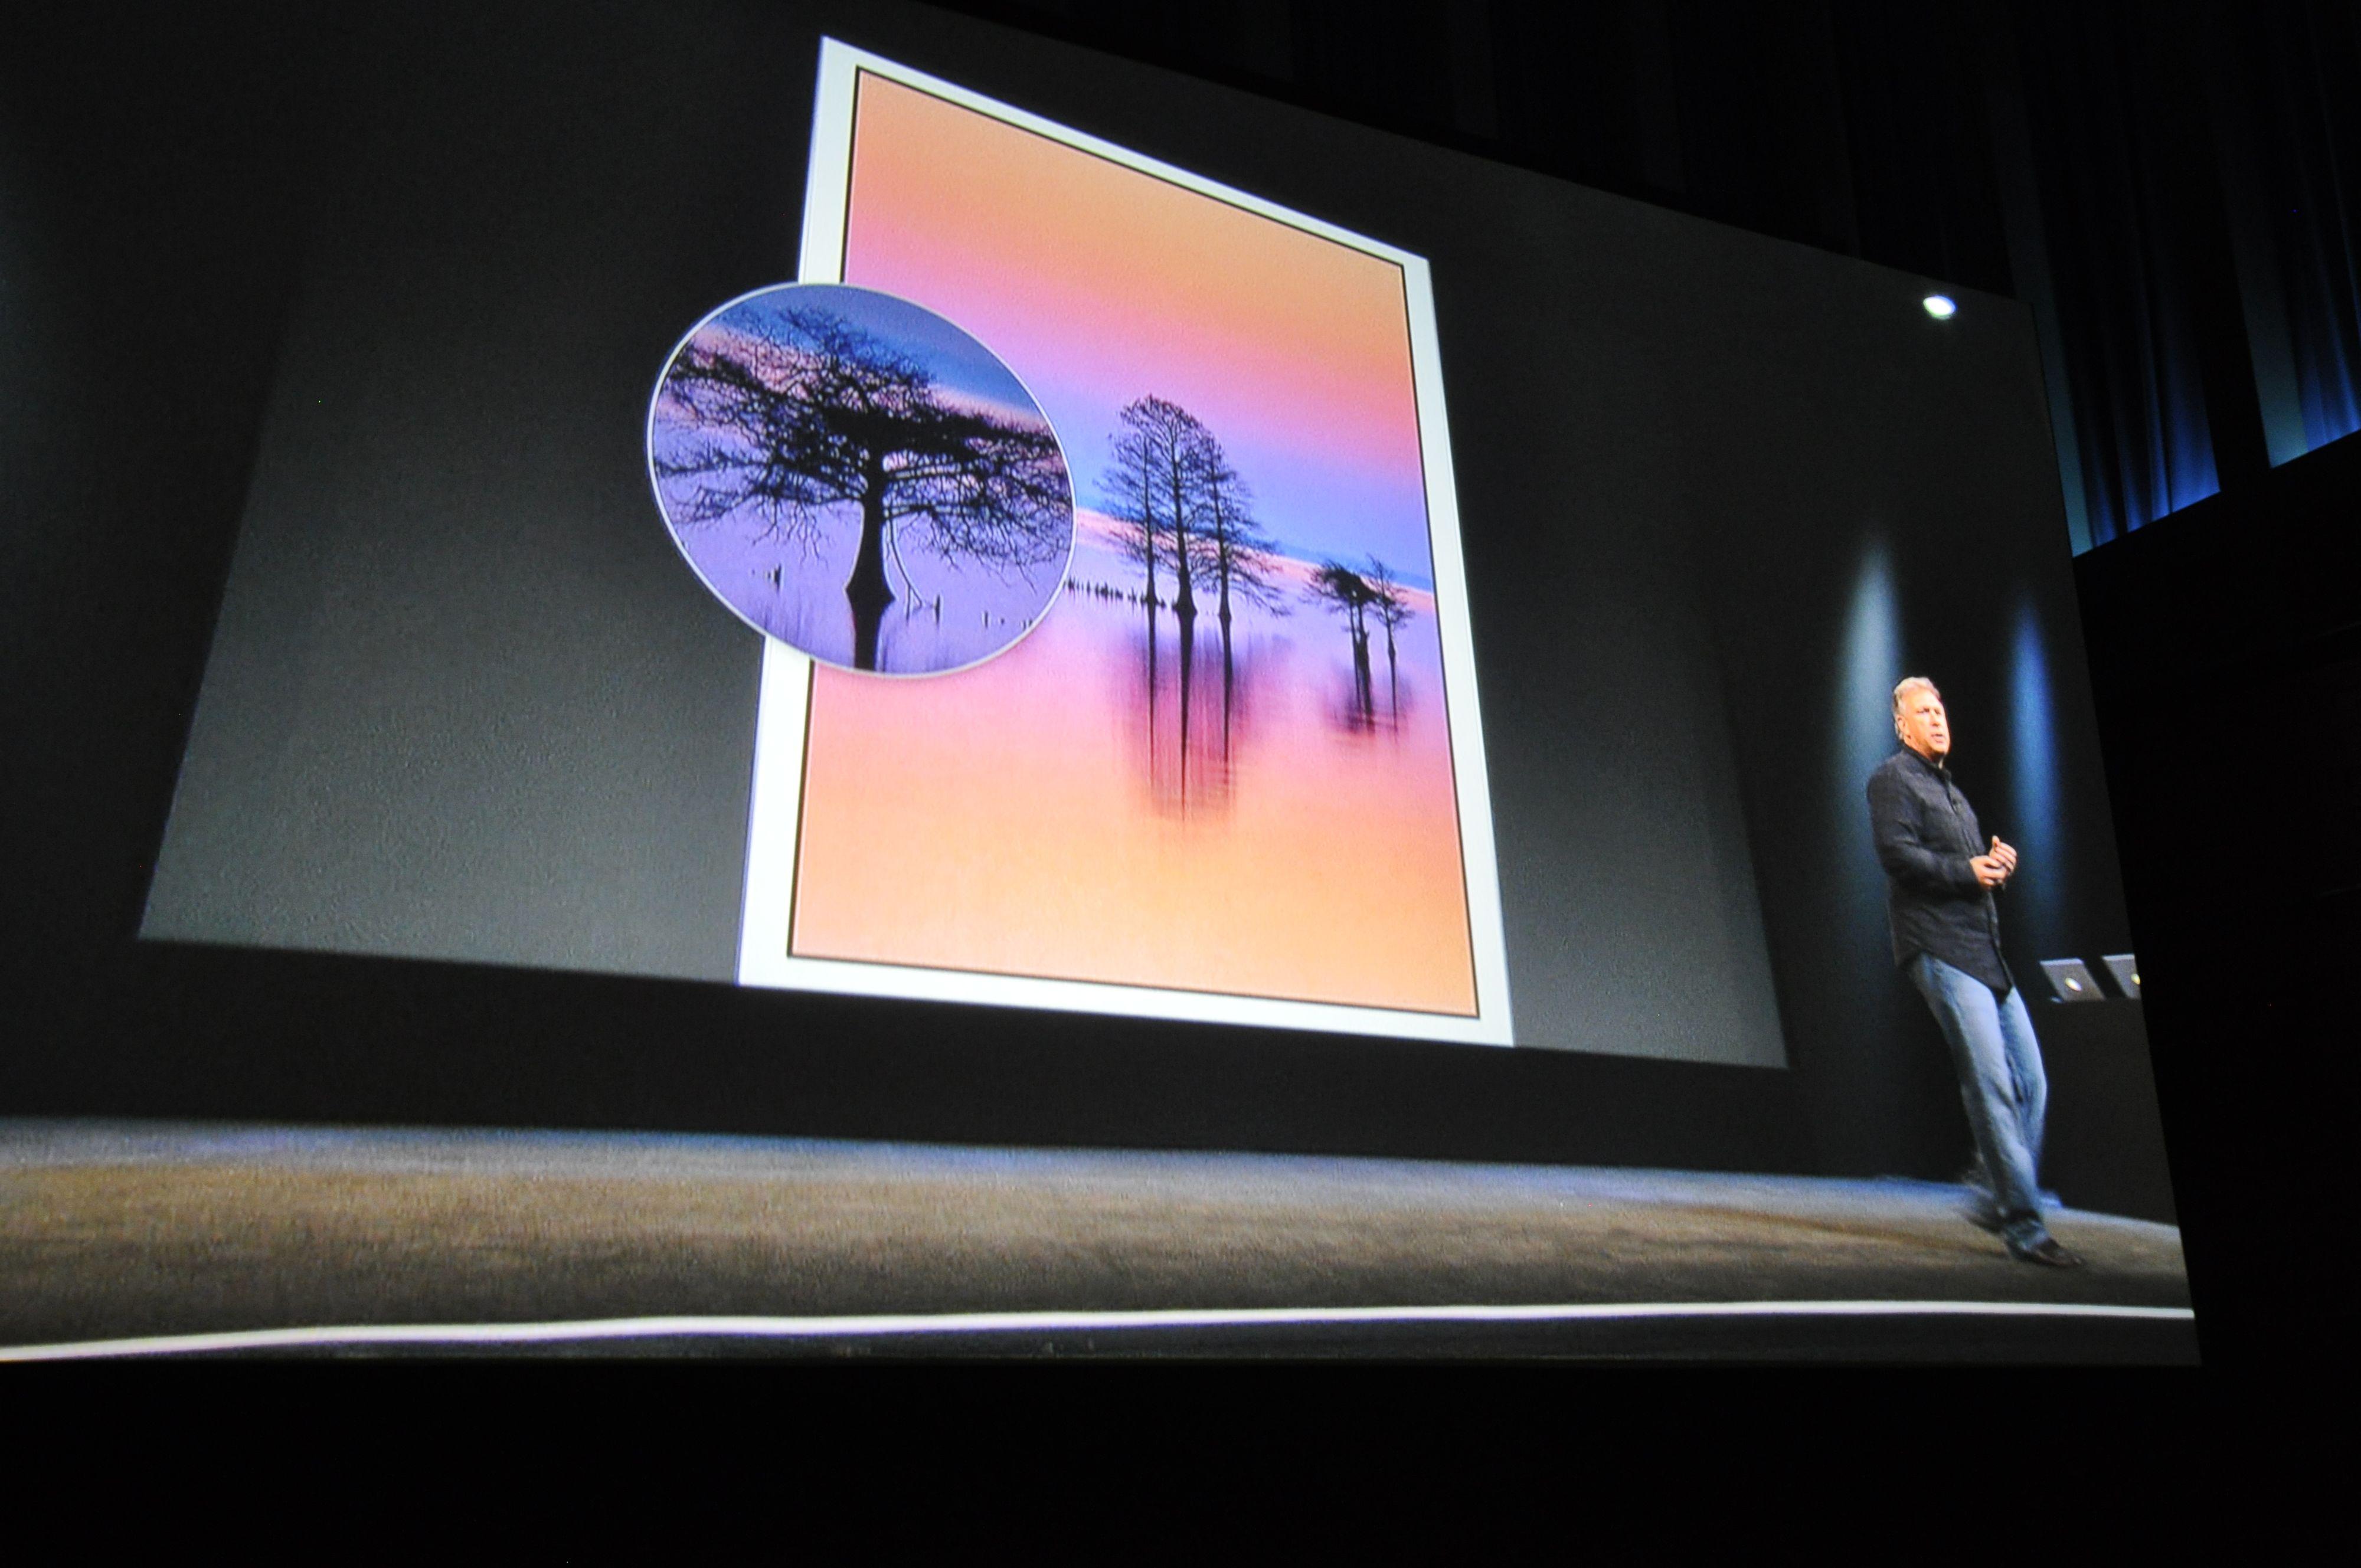 iPad Mini har både bedre oppløsning og svært kraftig innmat. Apple beholder dagens iPad Mini på markedet, til en lavere pris.Foto: Finn Jarle Kvalheim, Amobil.no